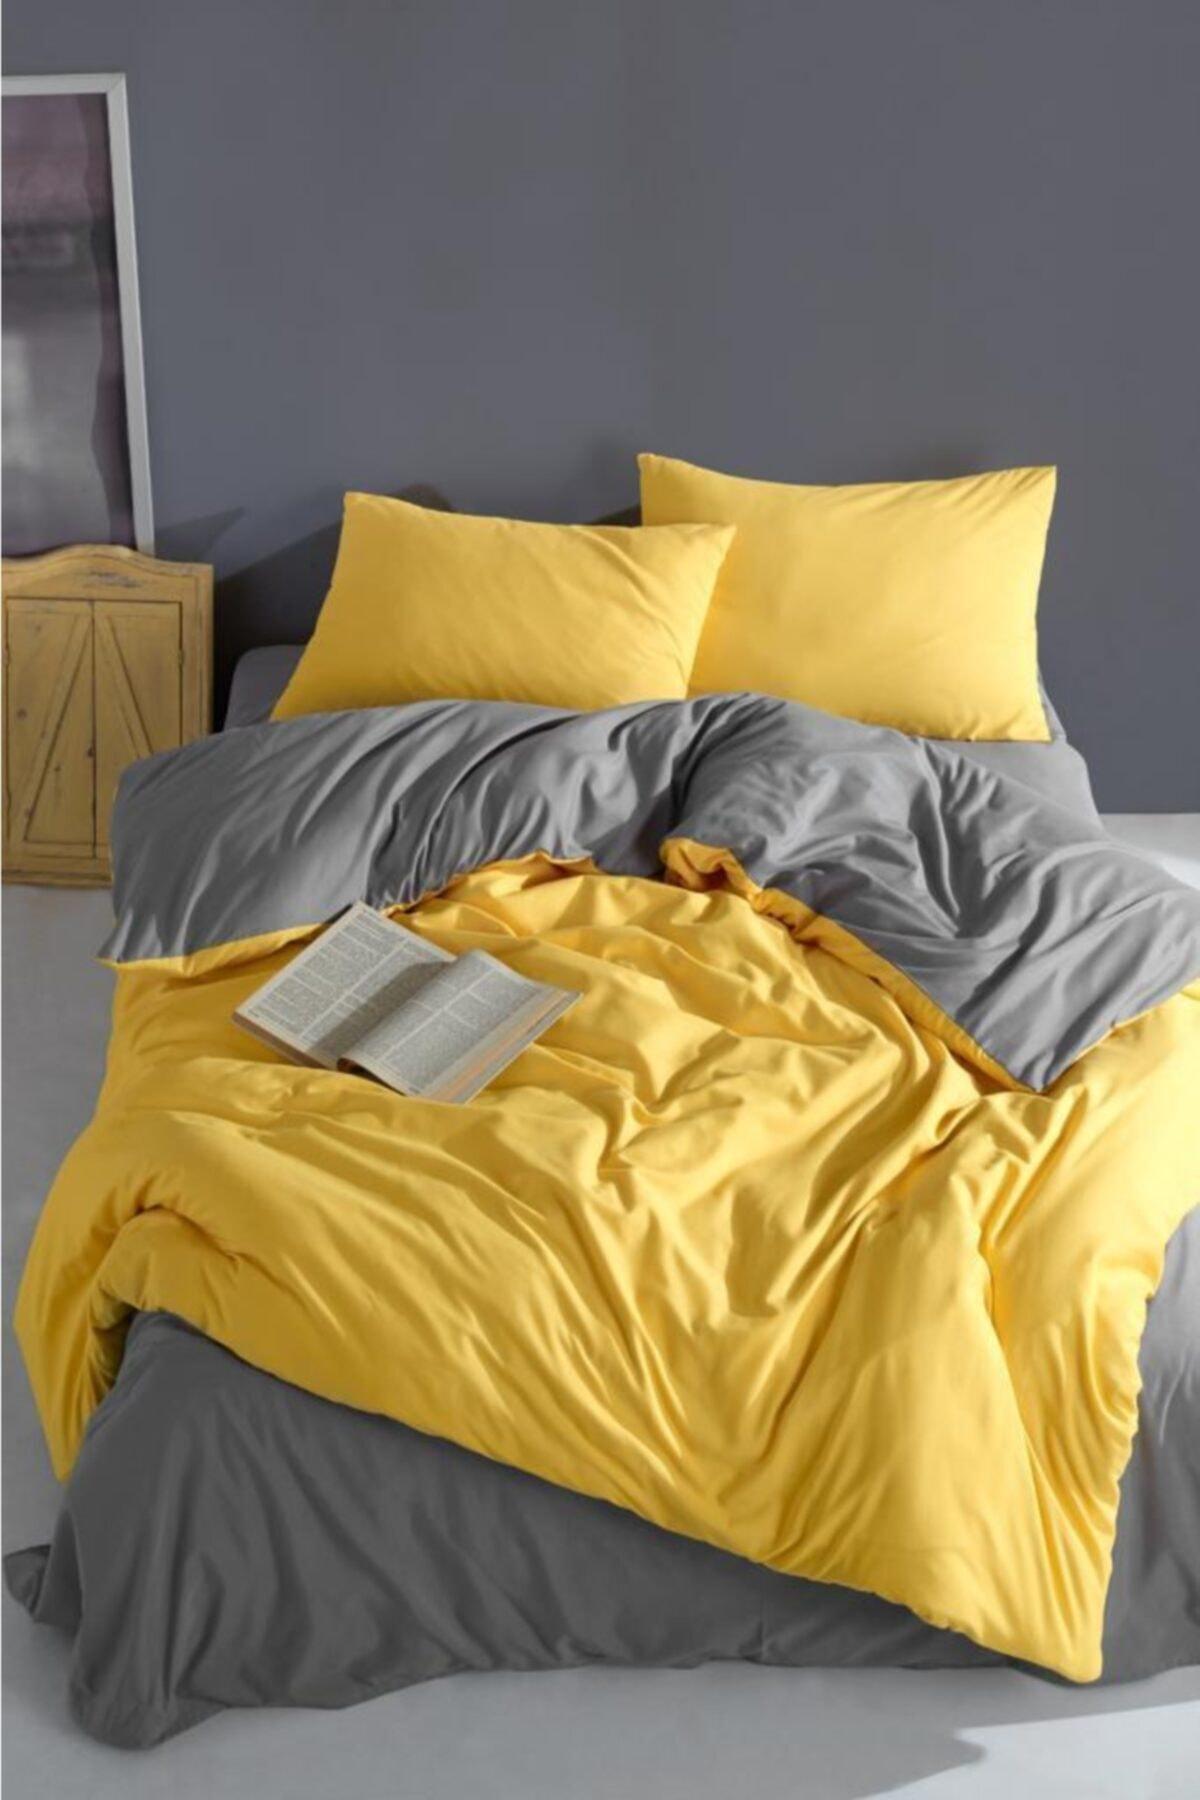 انسجام فريد من القطن الأصفر والرمادي جودة الراحة الصفاء النوم جيدا البياضات مجموعة المفرش تصميم أنيق